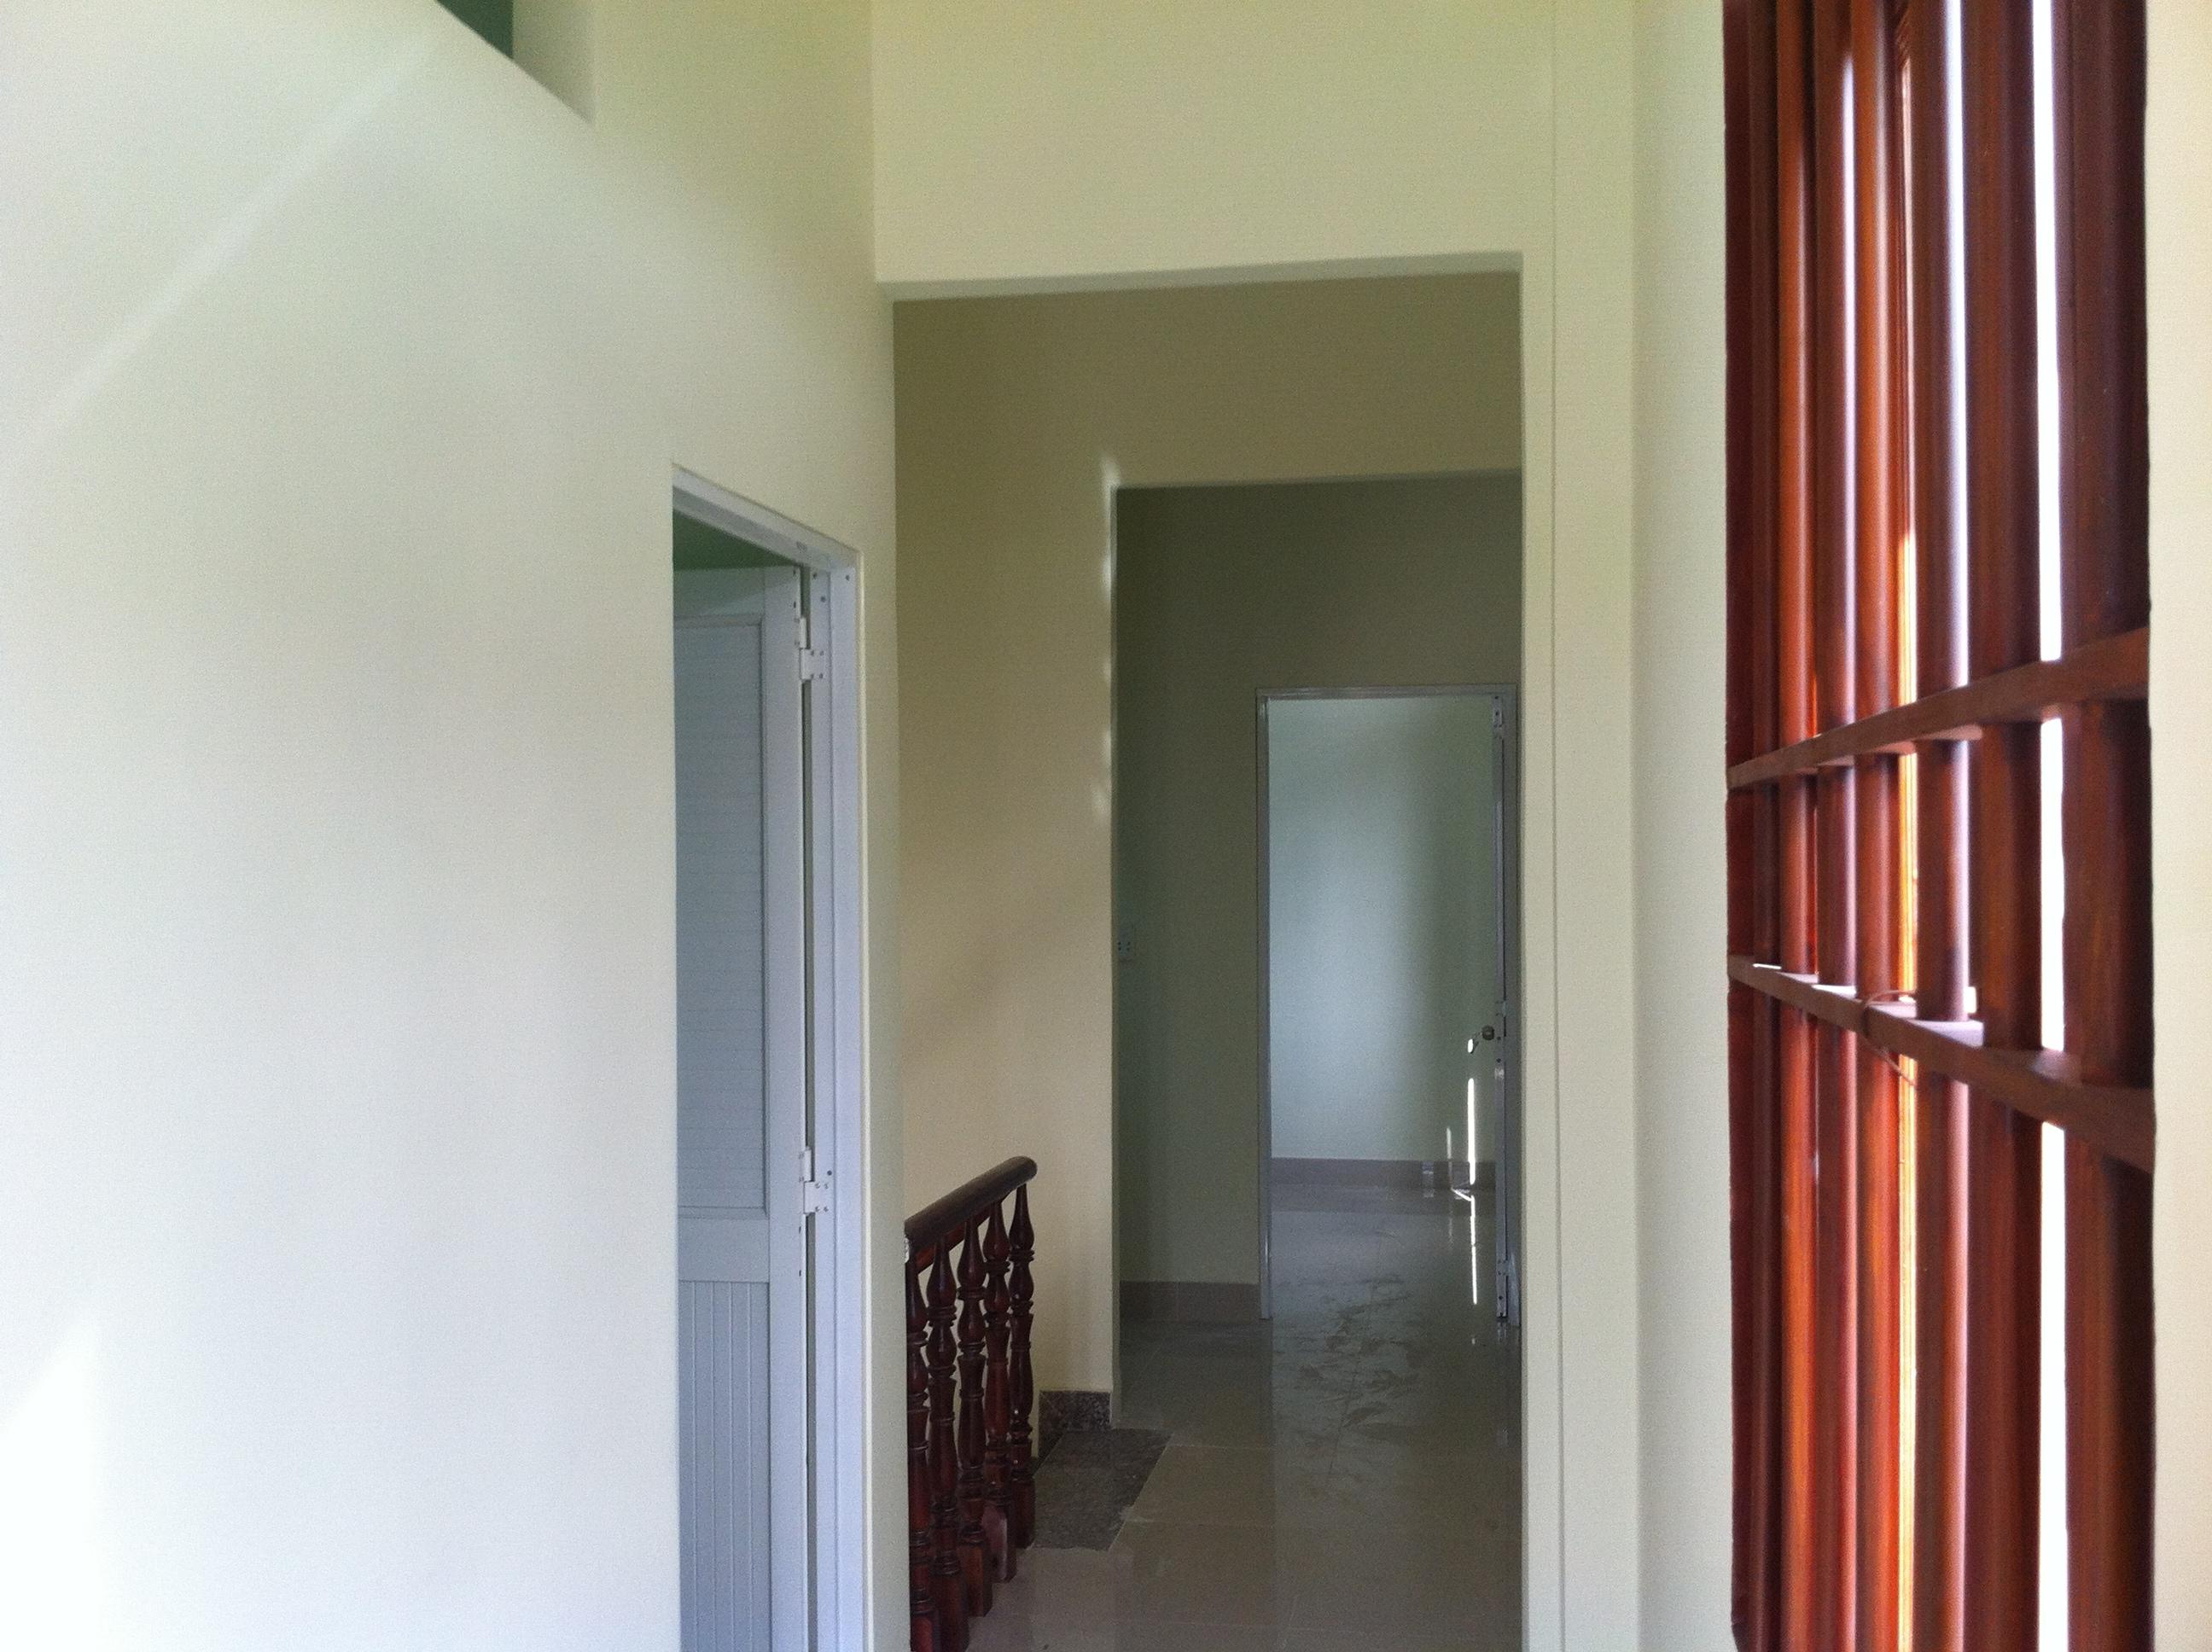 hành lan lầu 1 căn nhà 2 mặt tiền mới xây đang cần bán ở dĩ an